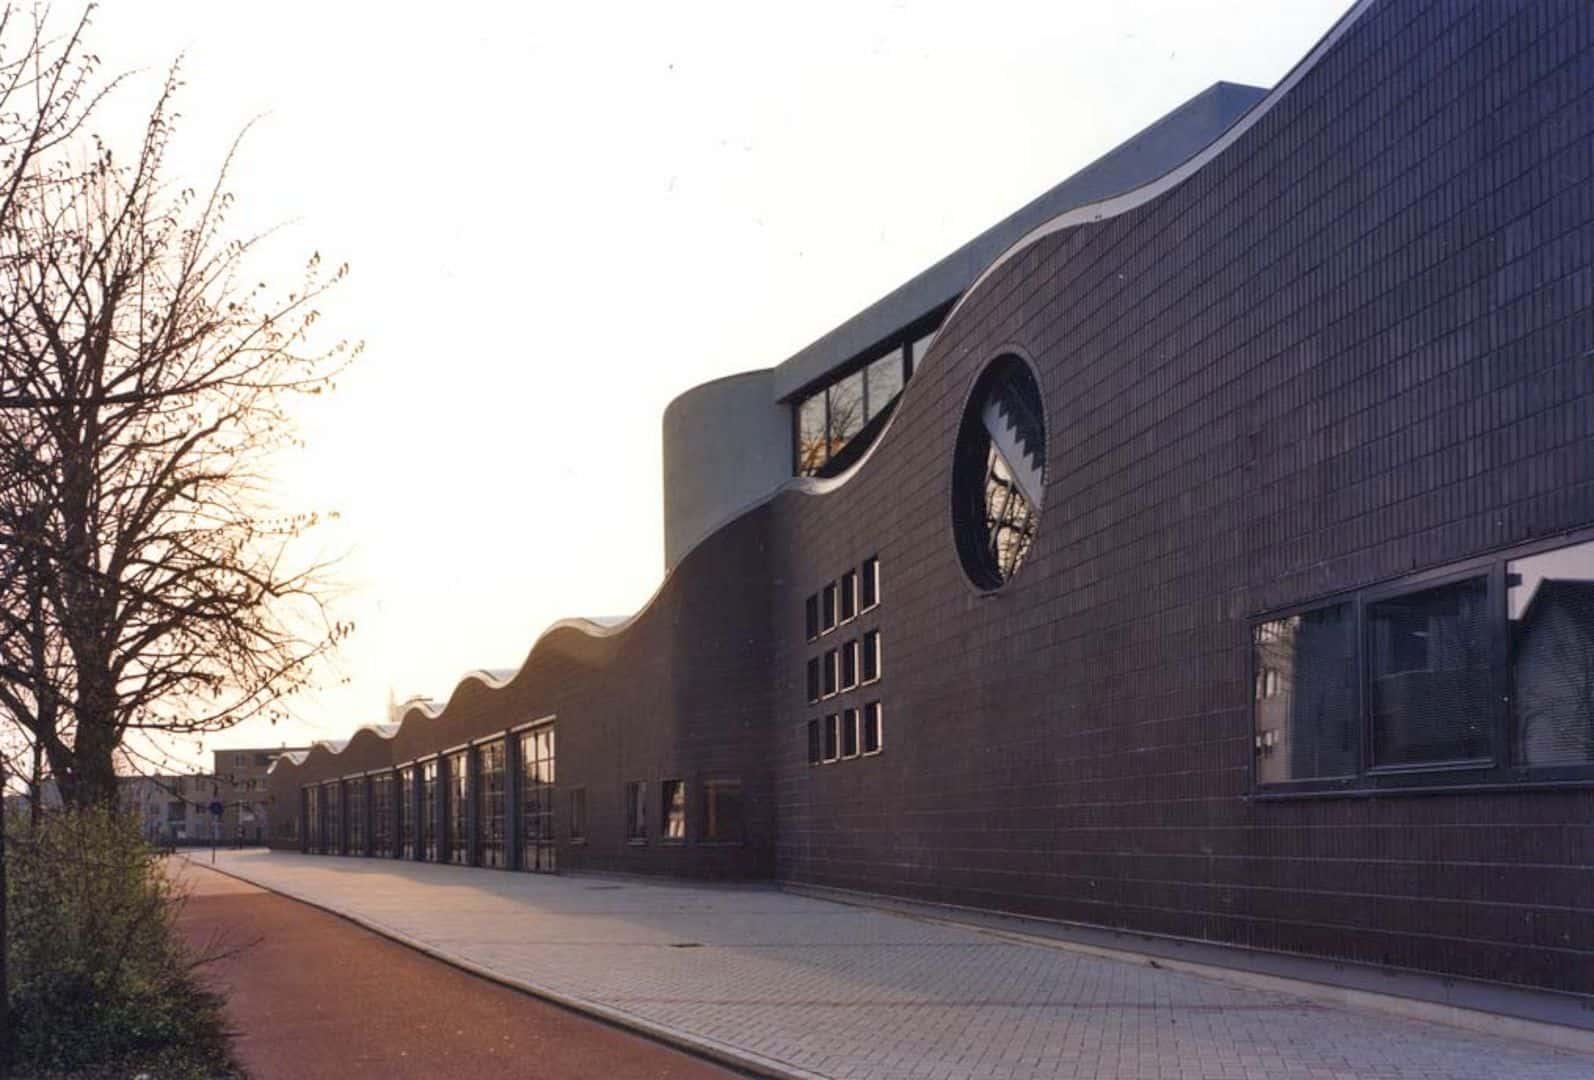 Fire Station Apeldoorn By Jeanne Dekkers Architectuur 5